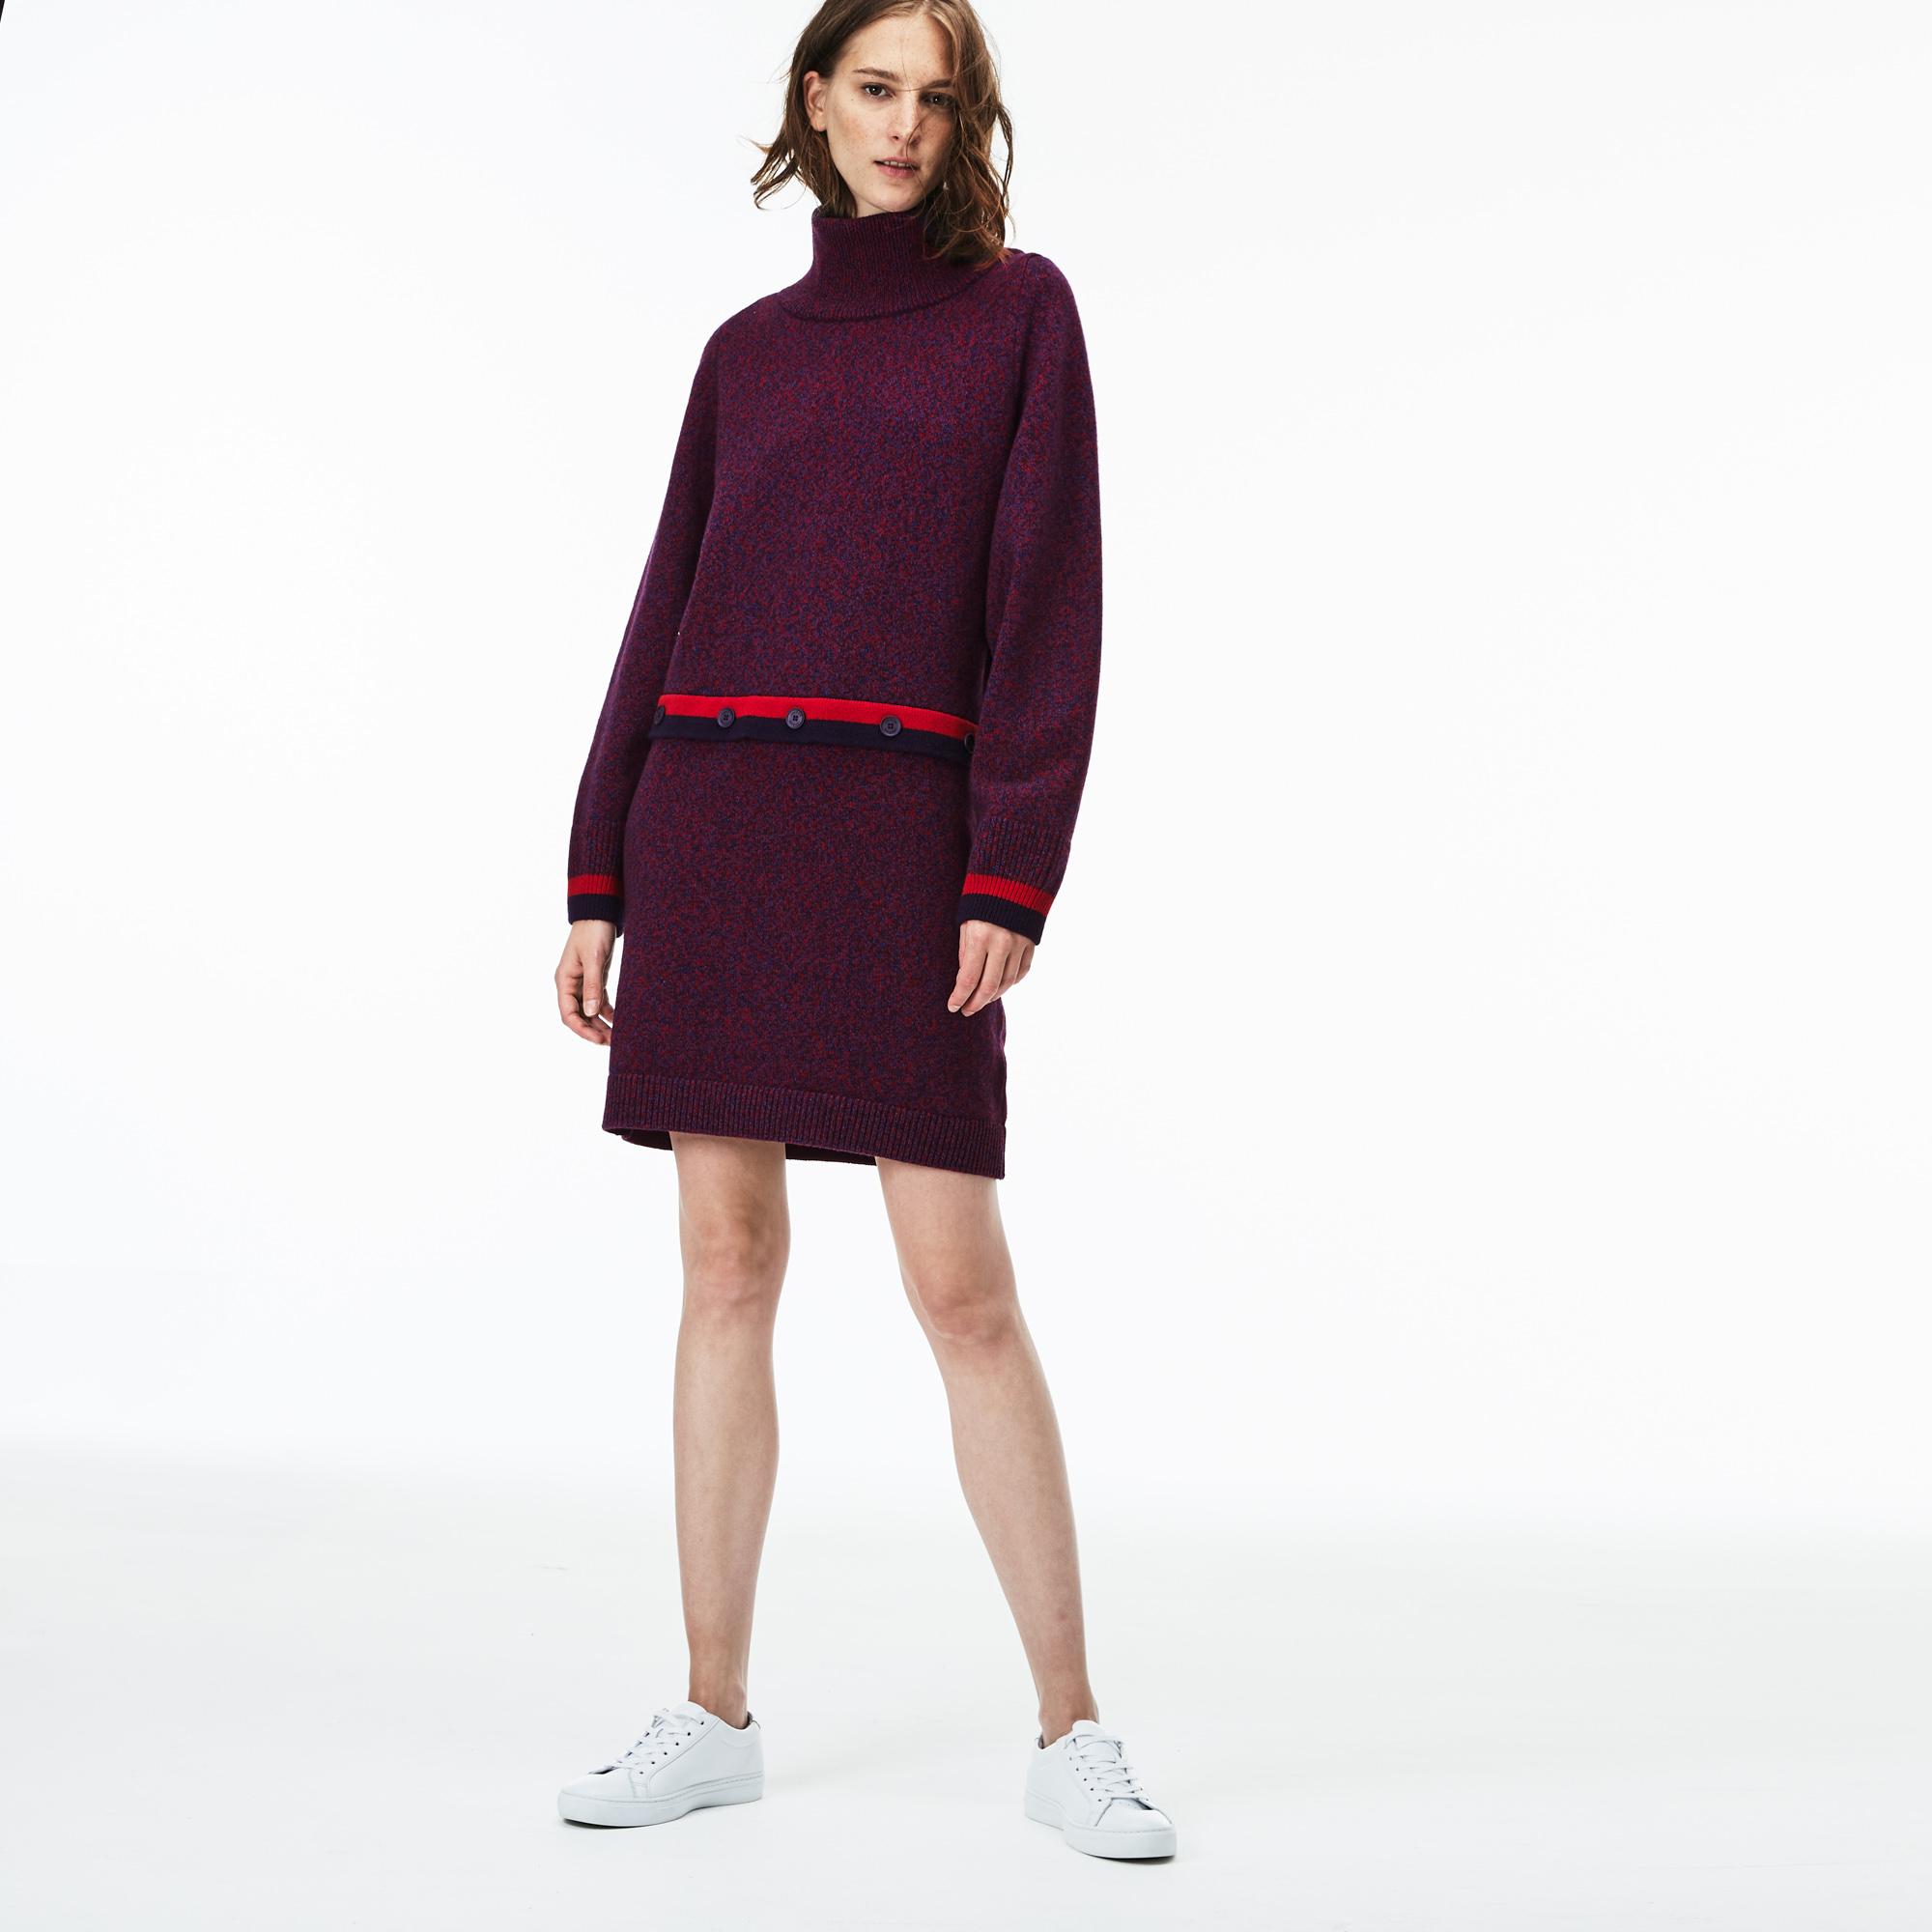 Платье LacosteПлатья и юбки<br>100% шерсть